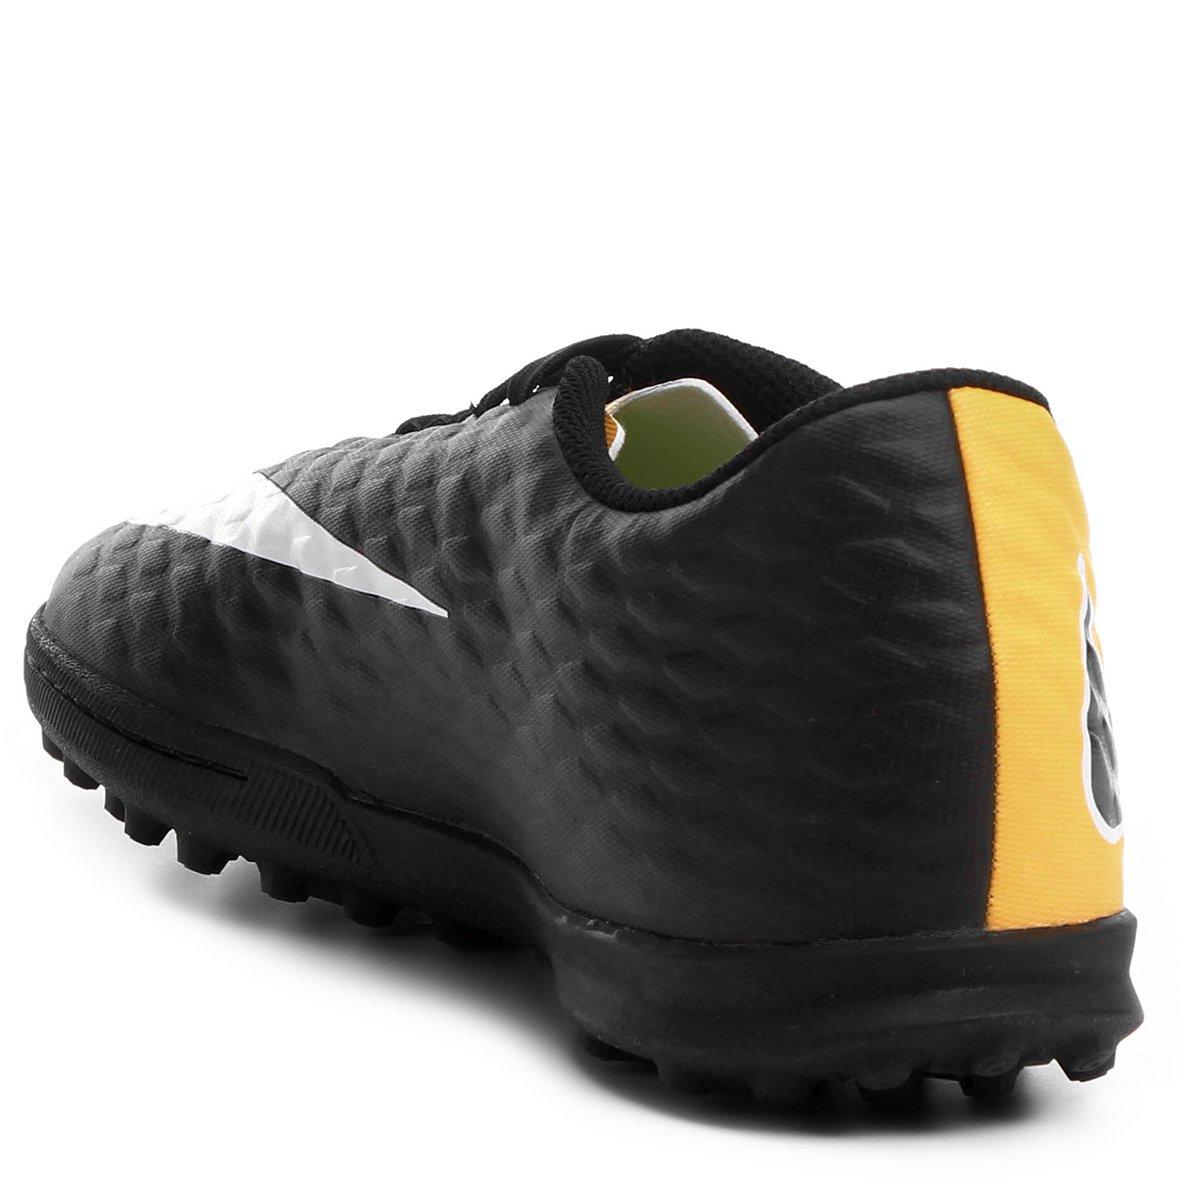 abe7aa9d6f Chuteira Society Nike Hypervenom Phade 3 - Laranja e Preto - Compre ...